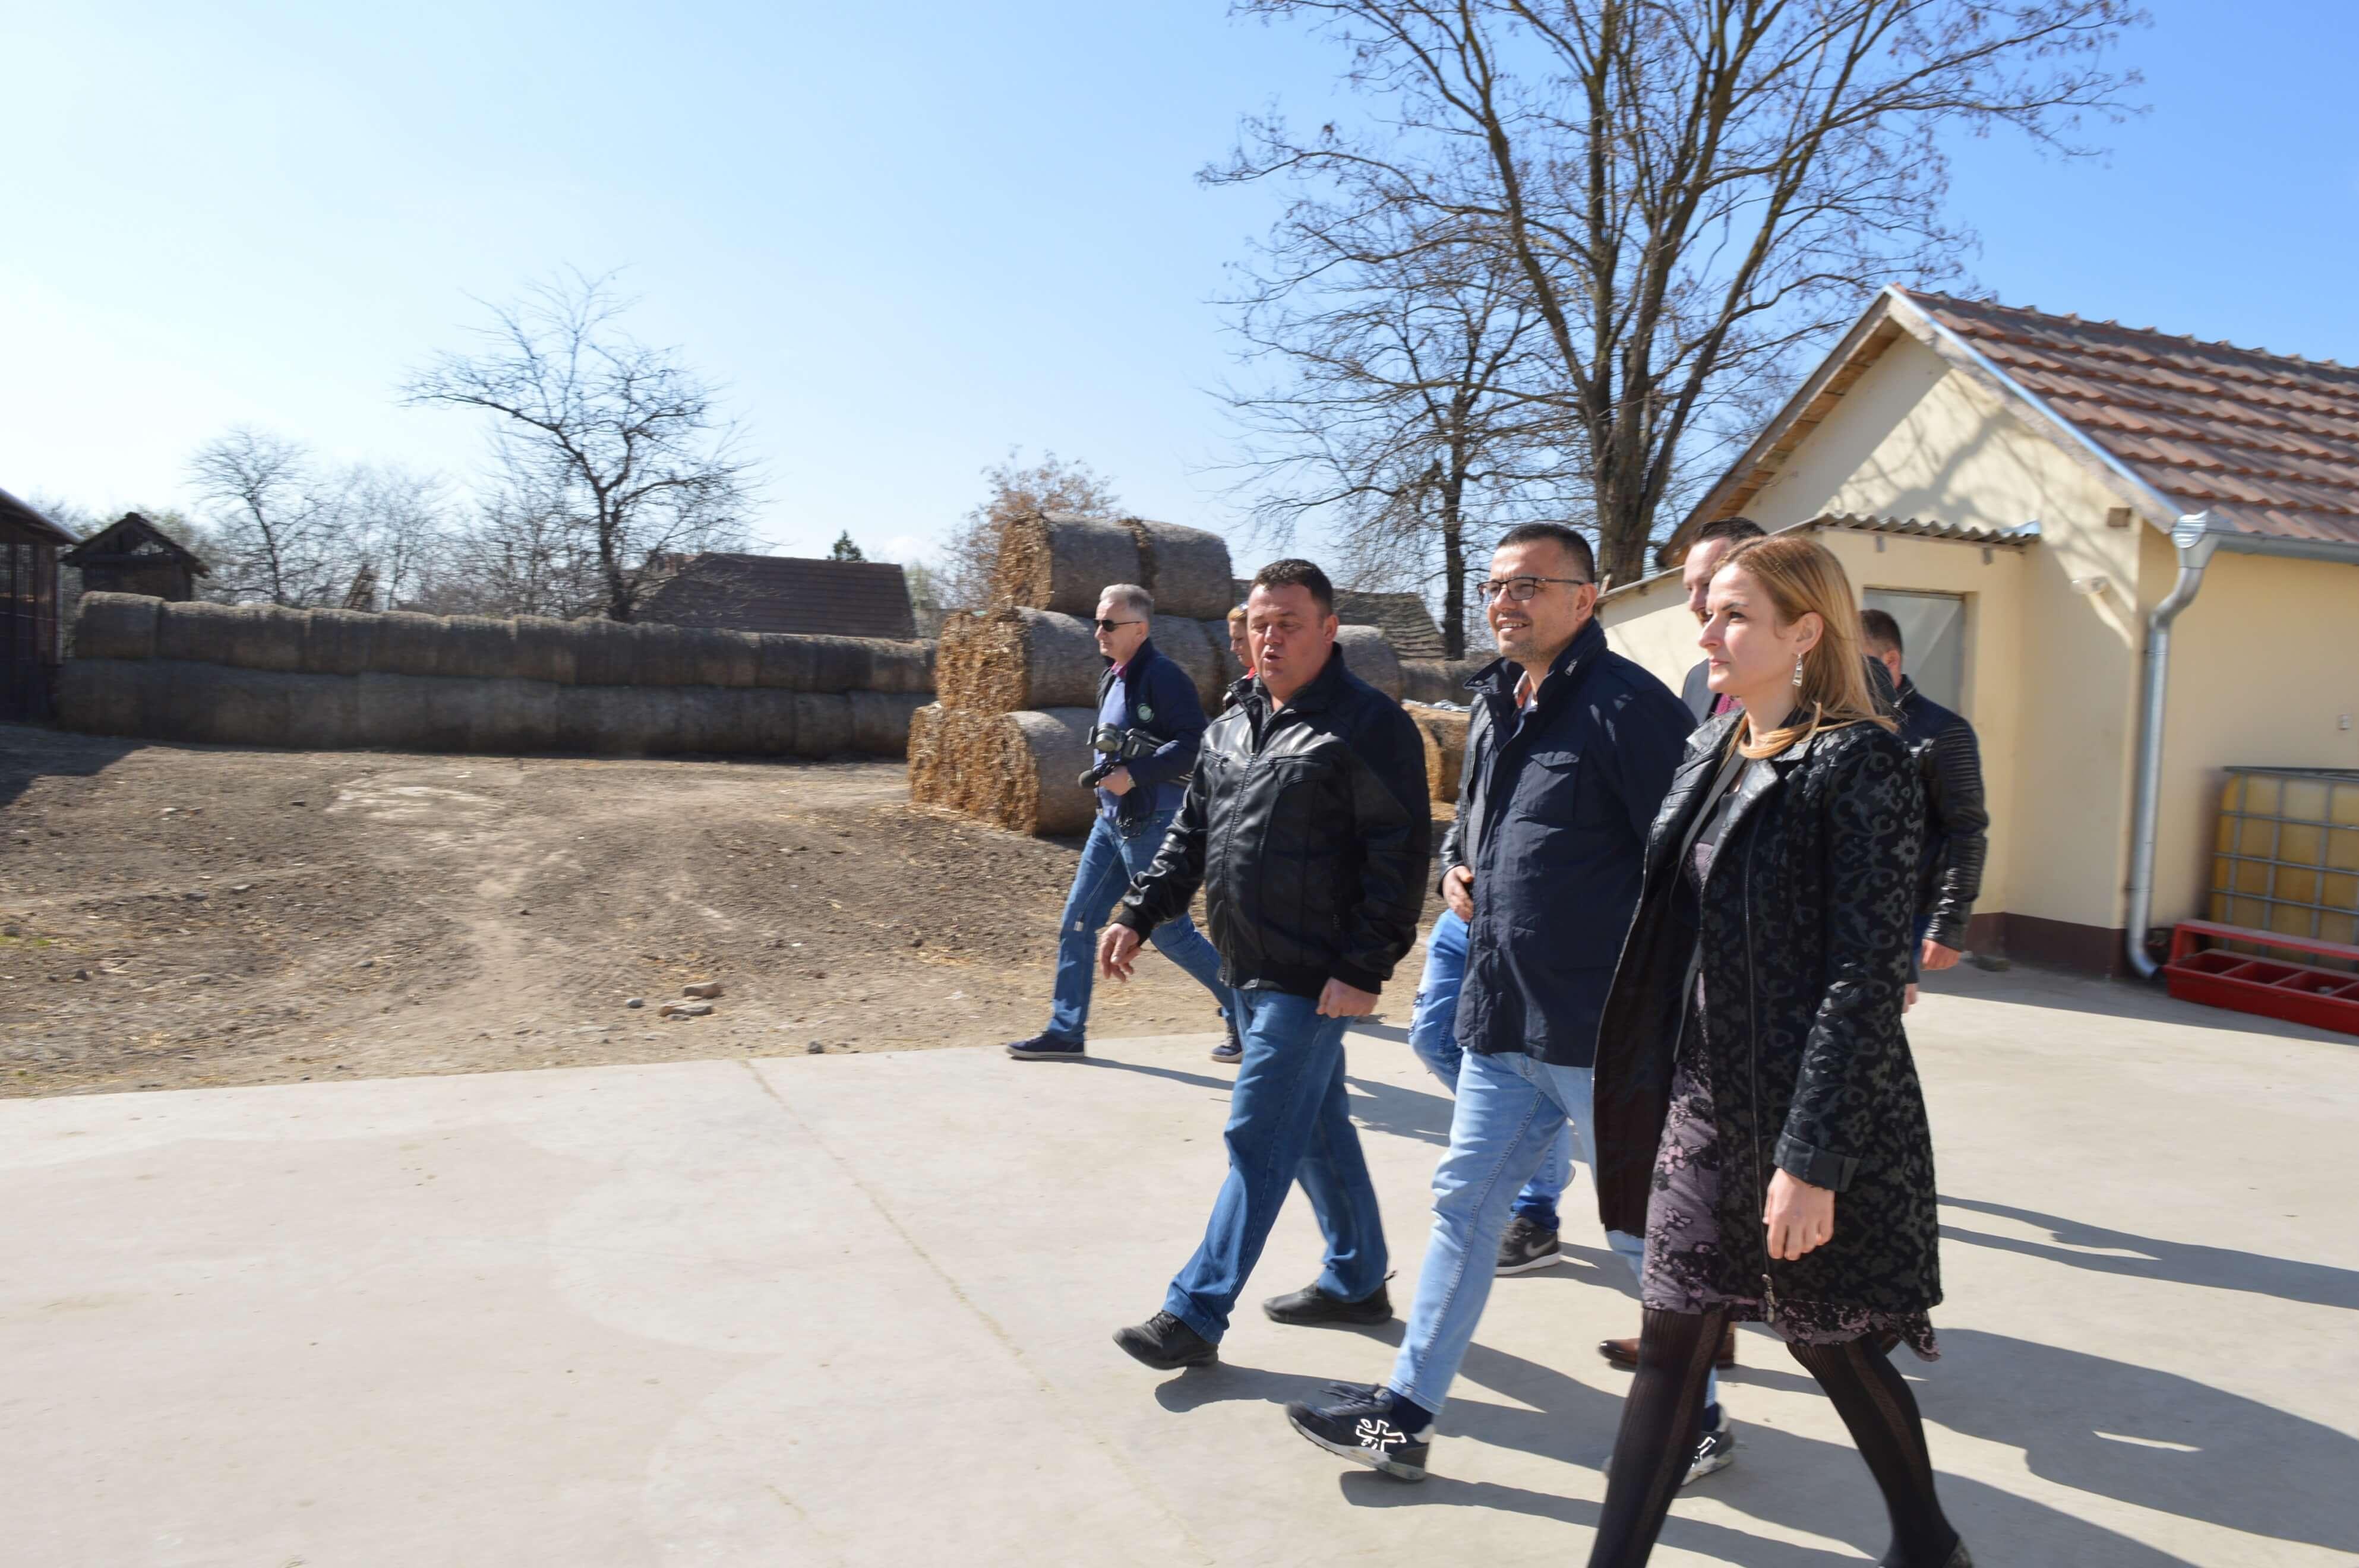 Радове на одржавању насипа су обишли заменик градоначелнице Антонио Ратковић и градски већник за област пољопривреде и заштите животне средине Дарко Радуловић